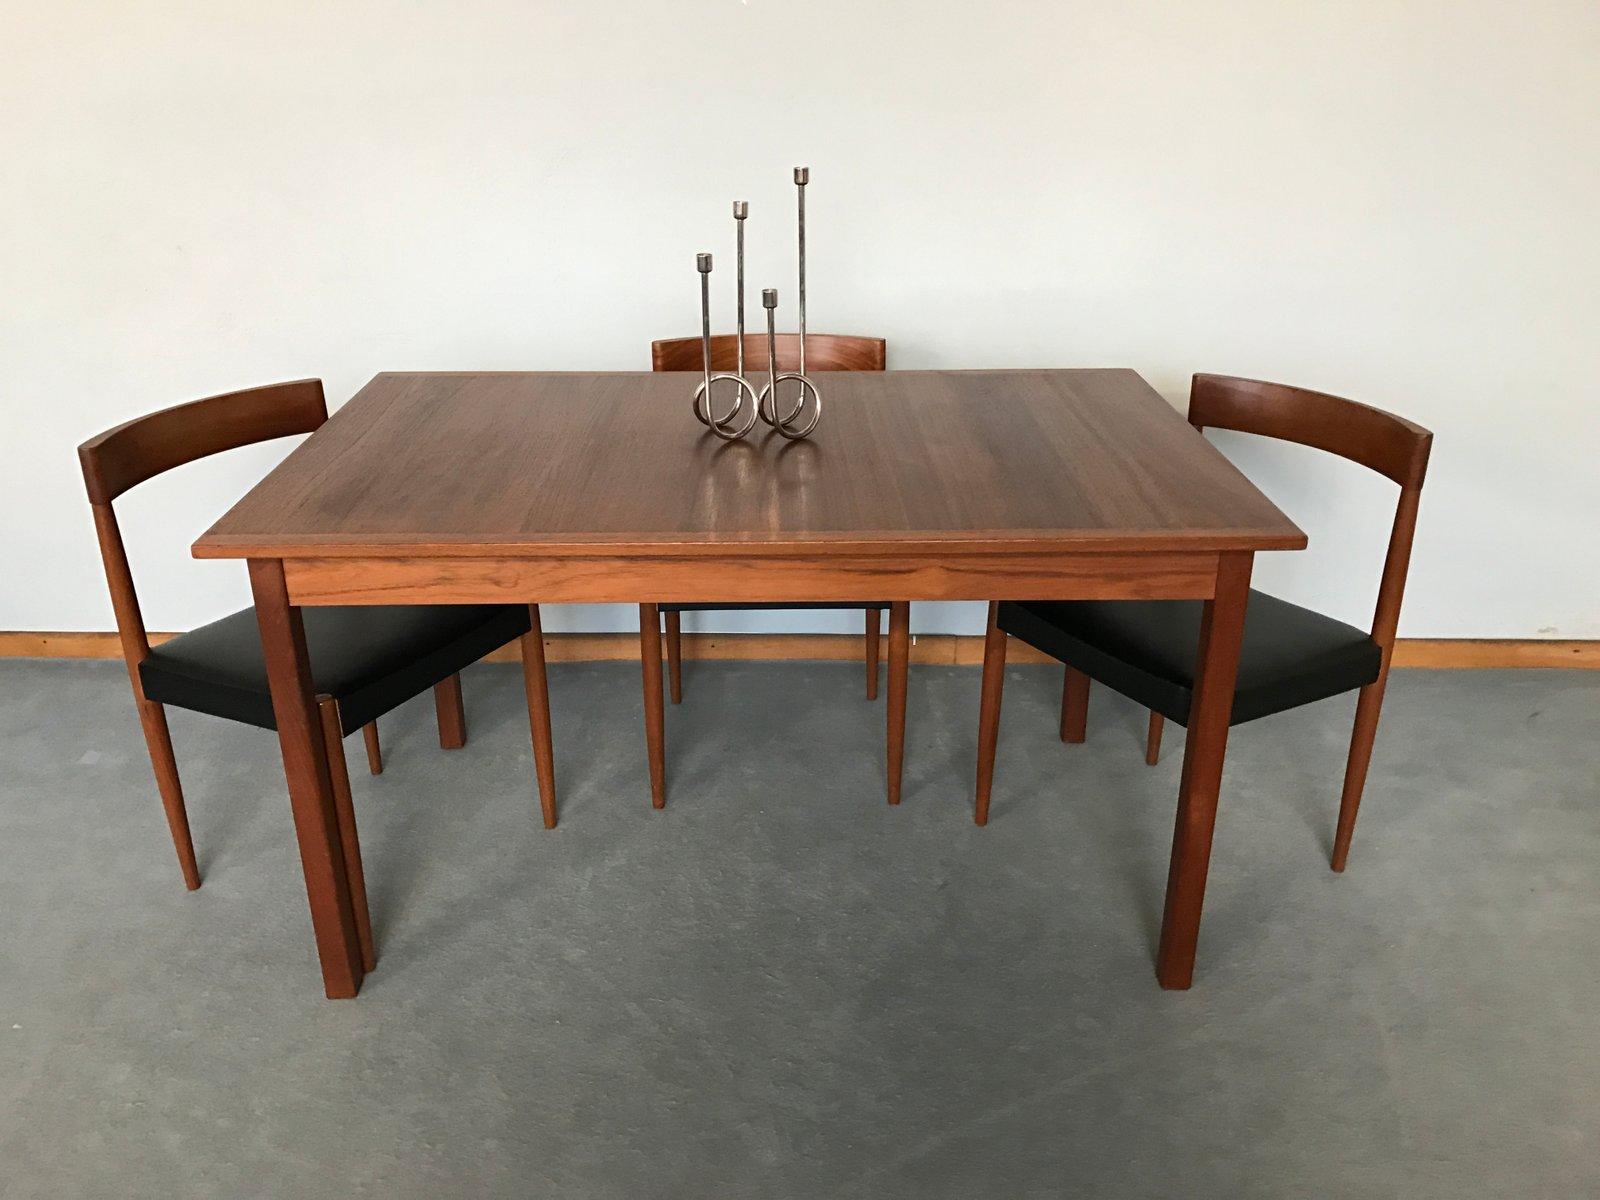 skandinavischer vintage teak esstisch von nils jonsson bei pamono kaufen. Black Bedroom Furniture Sets. Home Design Ideas